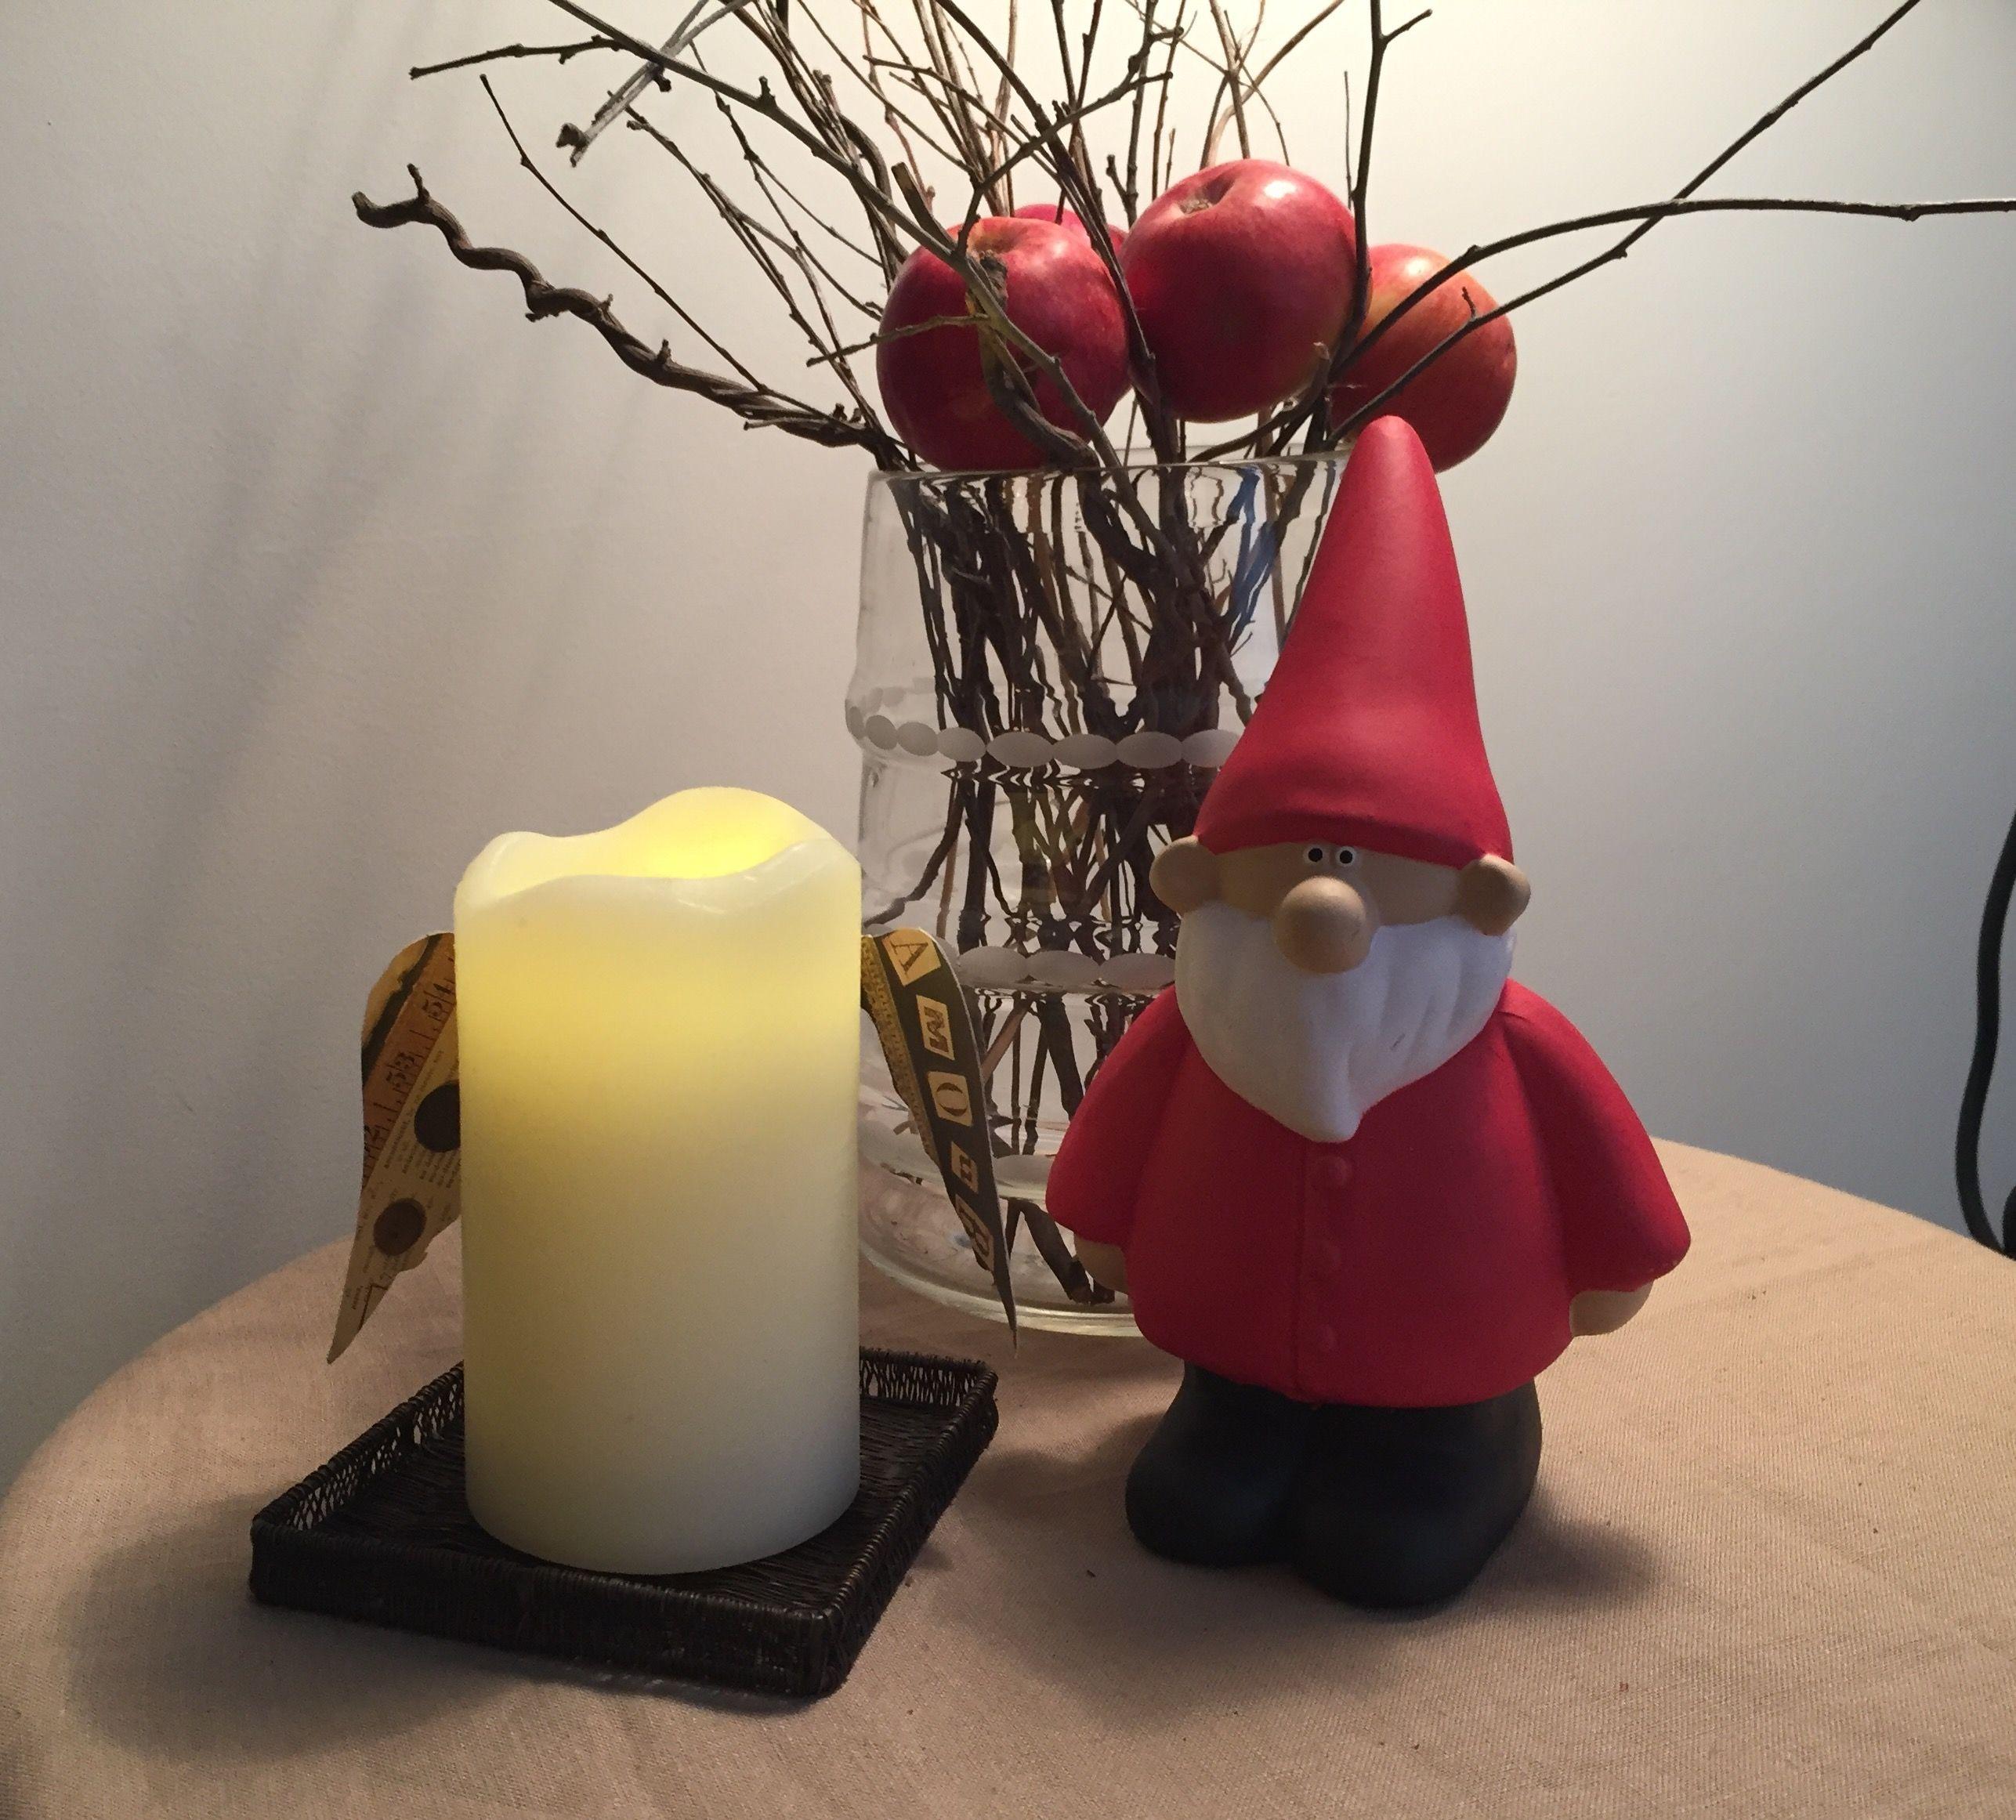 Pin by sule ersin on jing jingle bells | Pinterest | Jingle bells